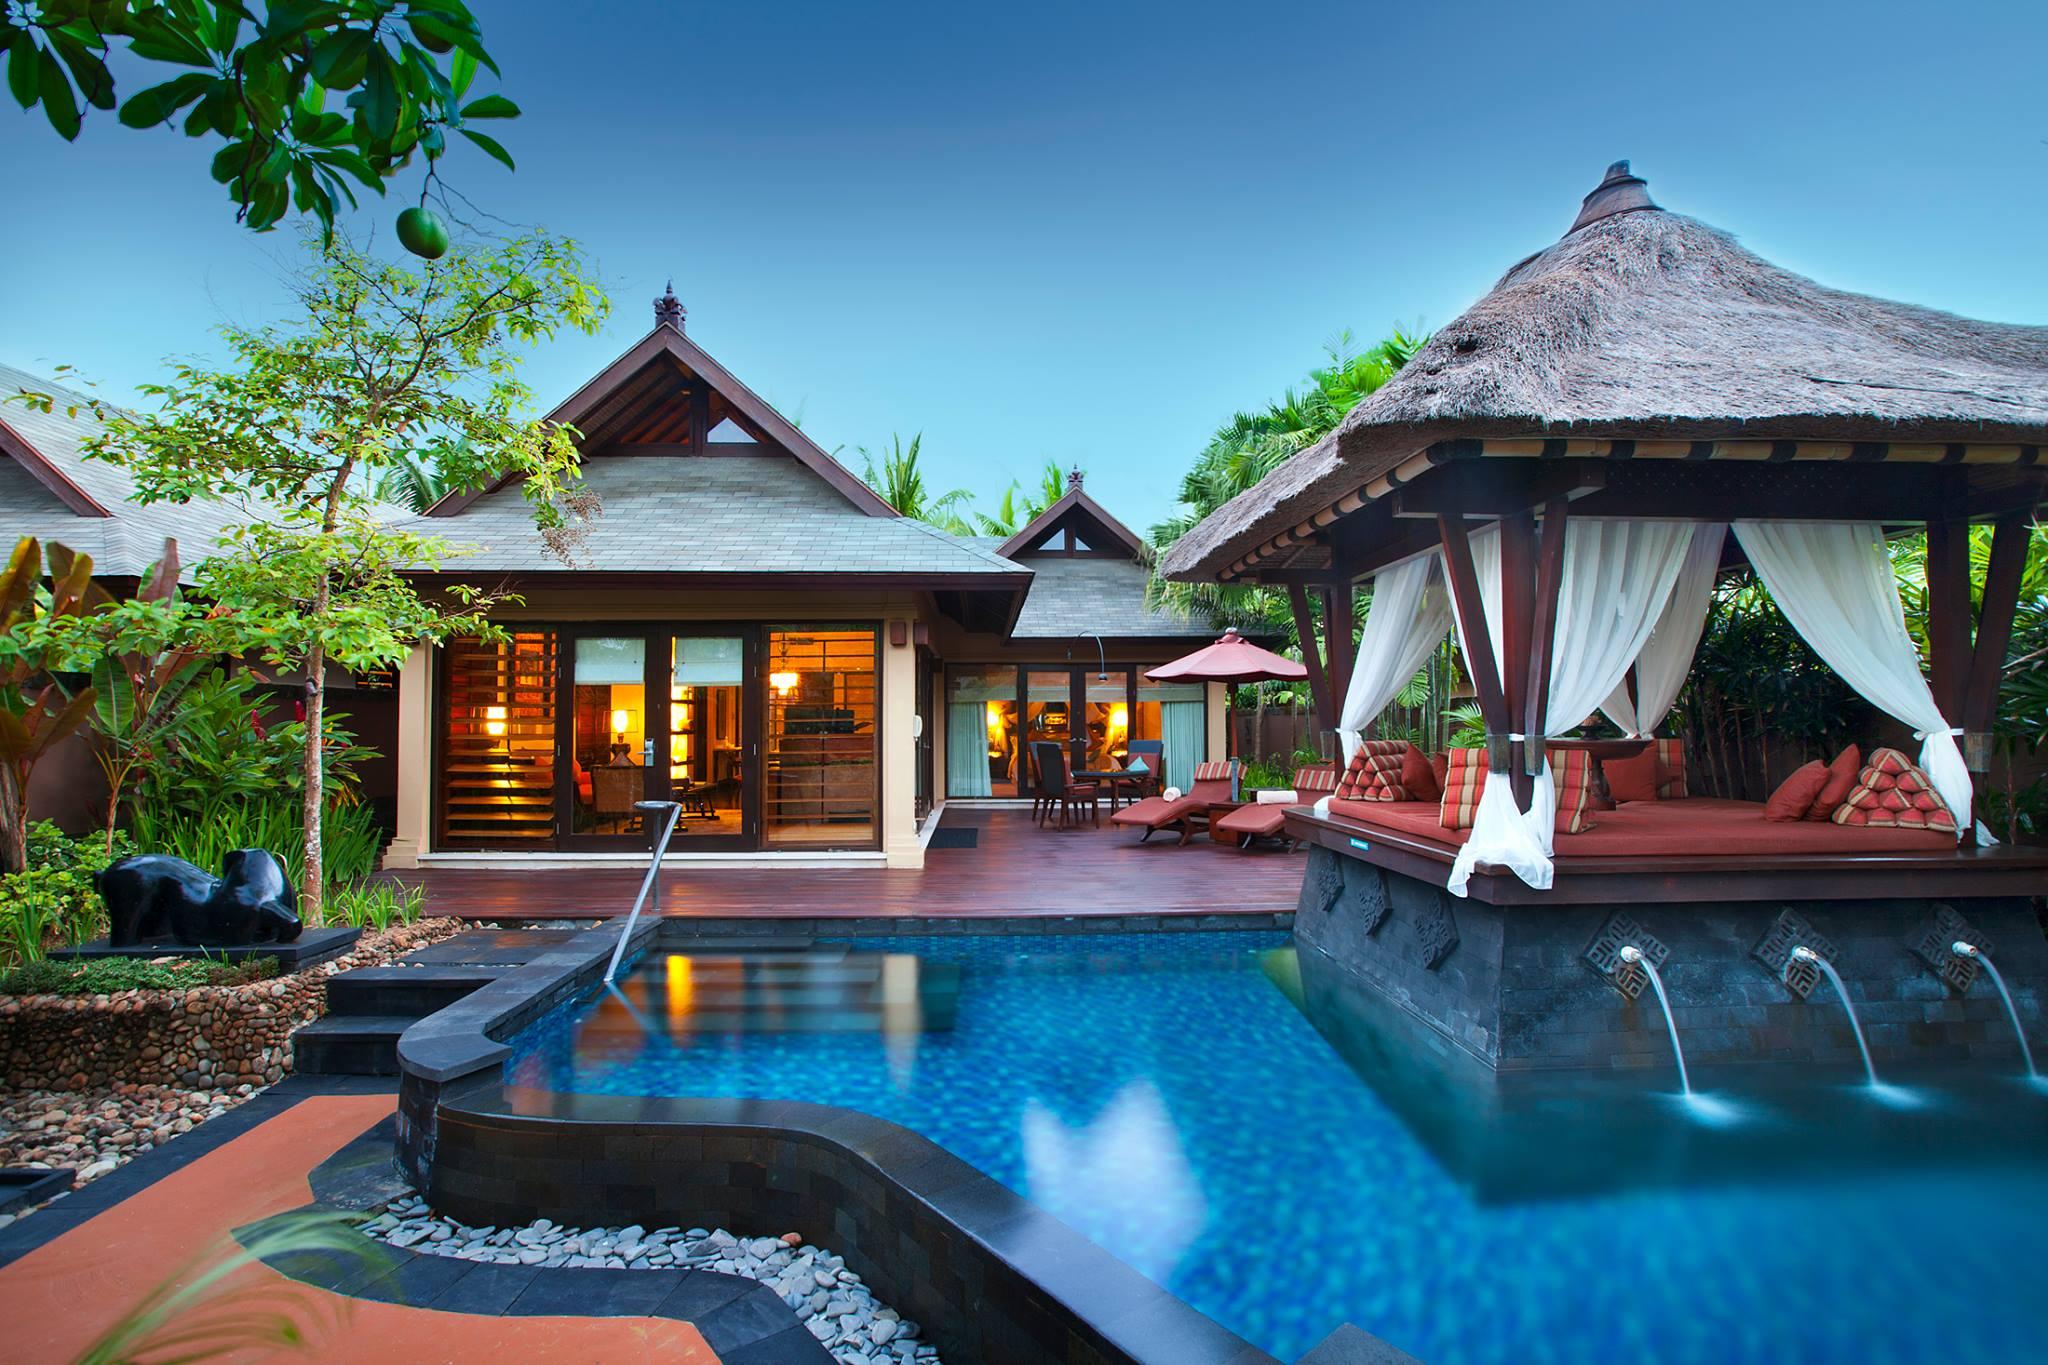 Photo of تور بالی اندونزی بهار ۱۴۰۰ با ارزان ترین قیمت بازار خریداری کنید ؟ !